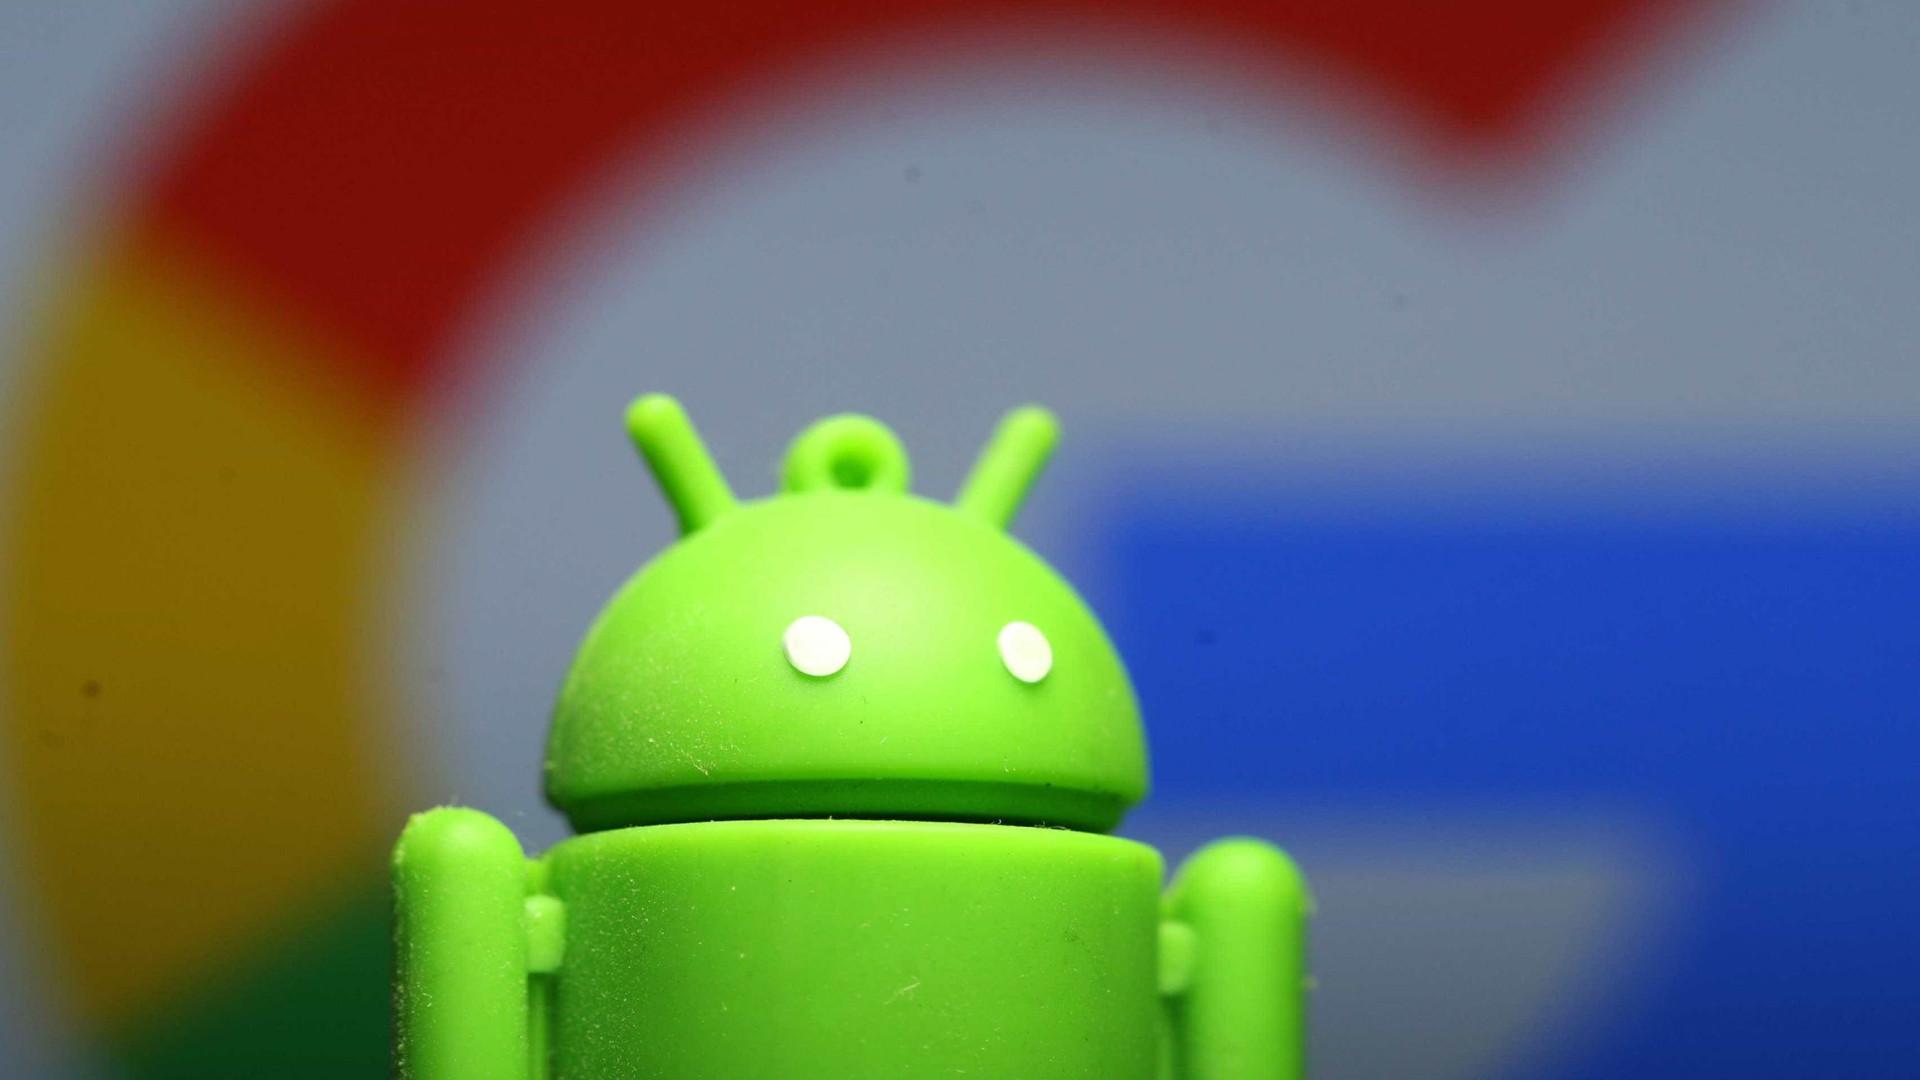 Grande maioria das apps Android recolhem os seus dados pessoais